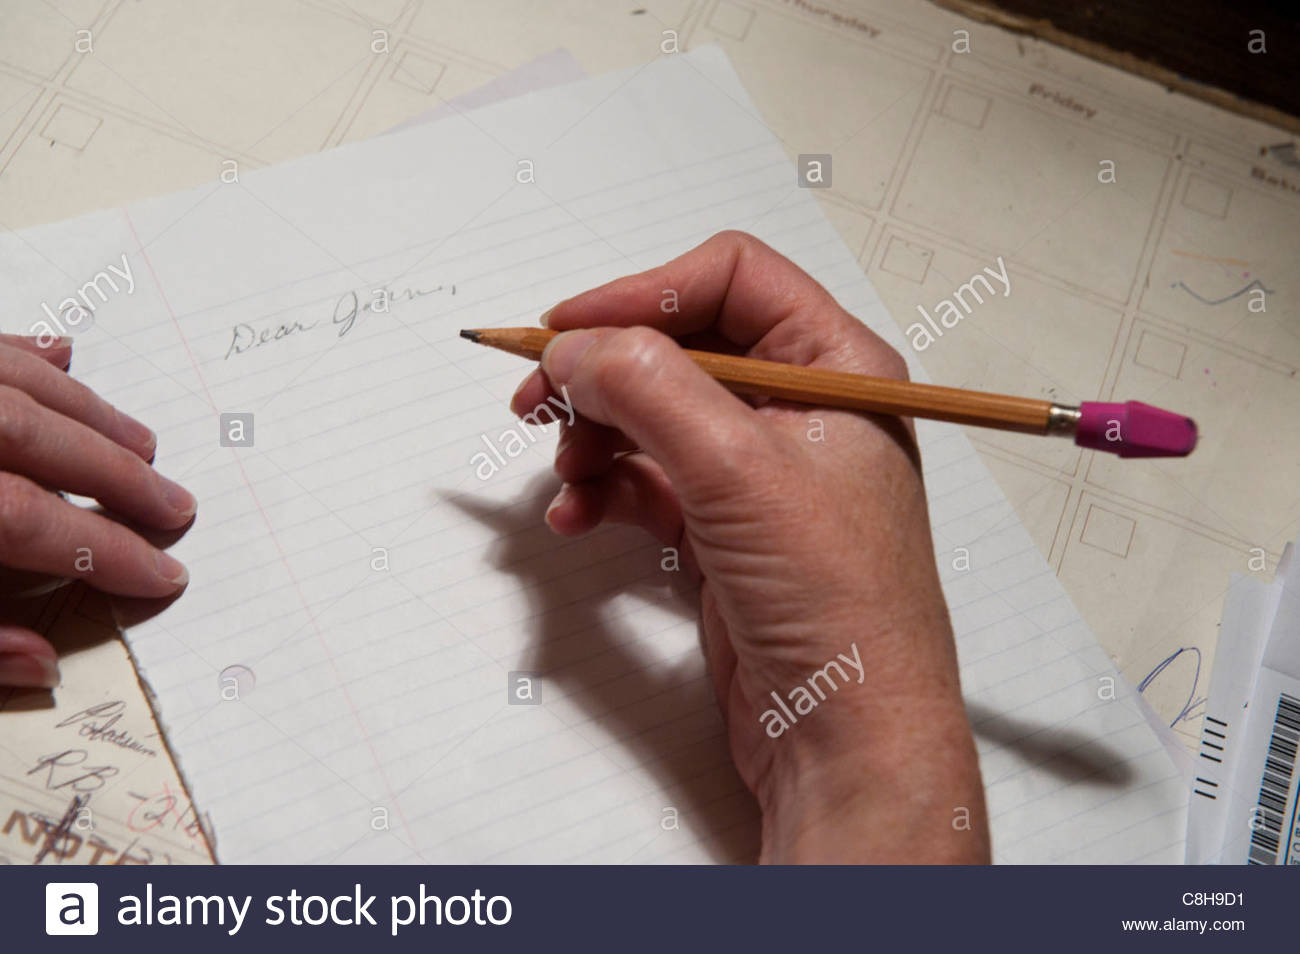 """Eine Frau fängt einen """"Dear John"""" Brief zu schreiben. Stockbild"""